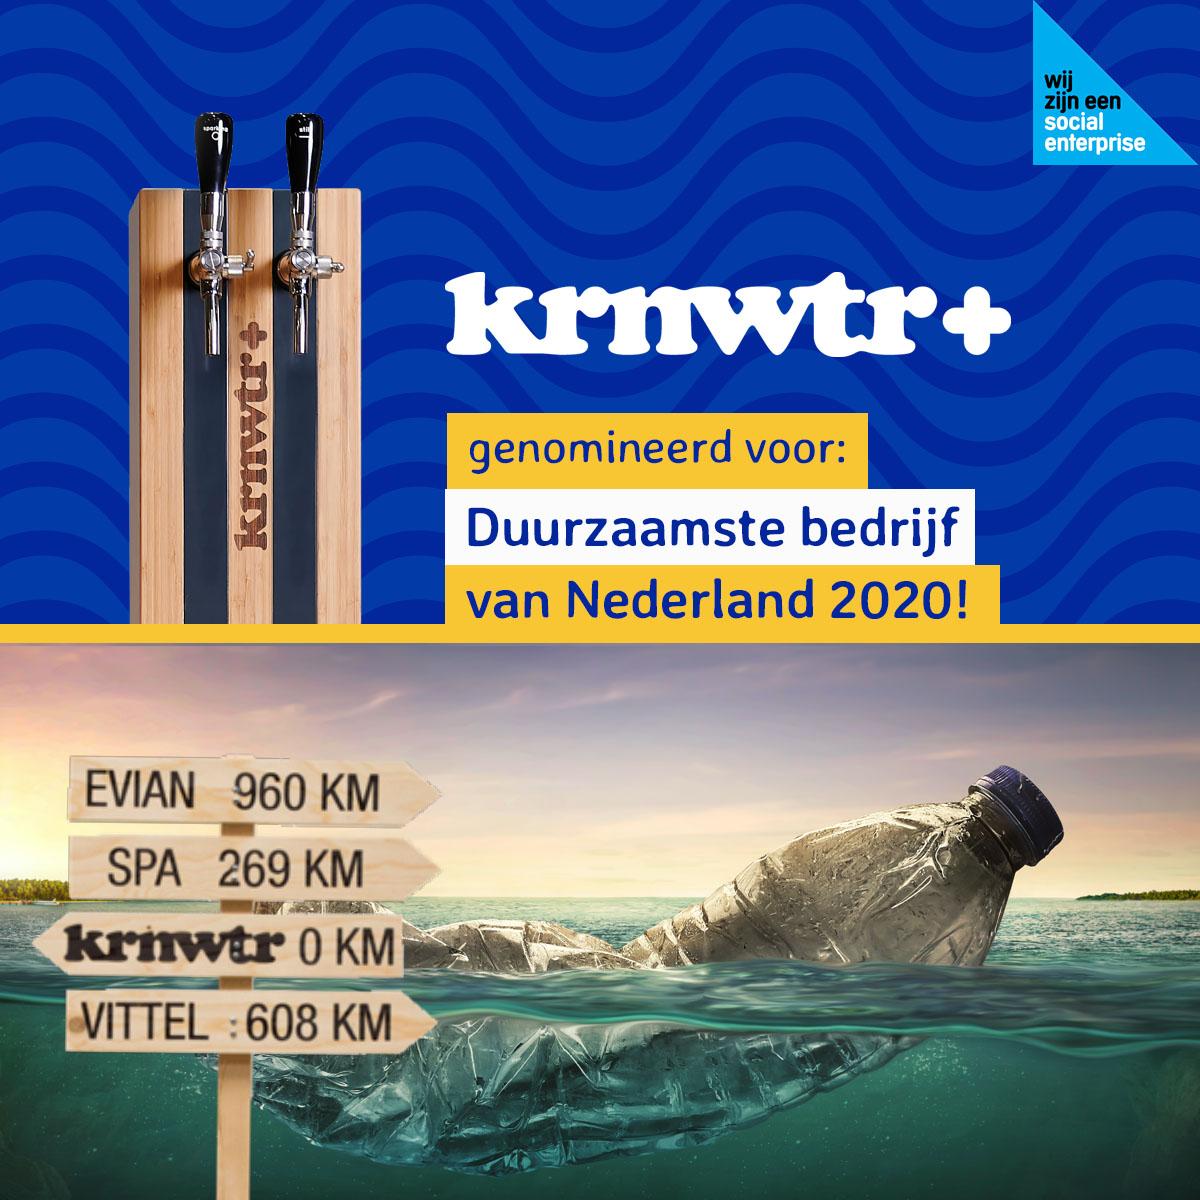 water-op-kantoor-duurzaamste-bedrijf-nederland2020v4